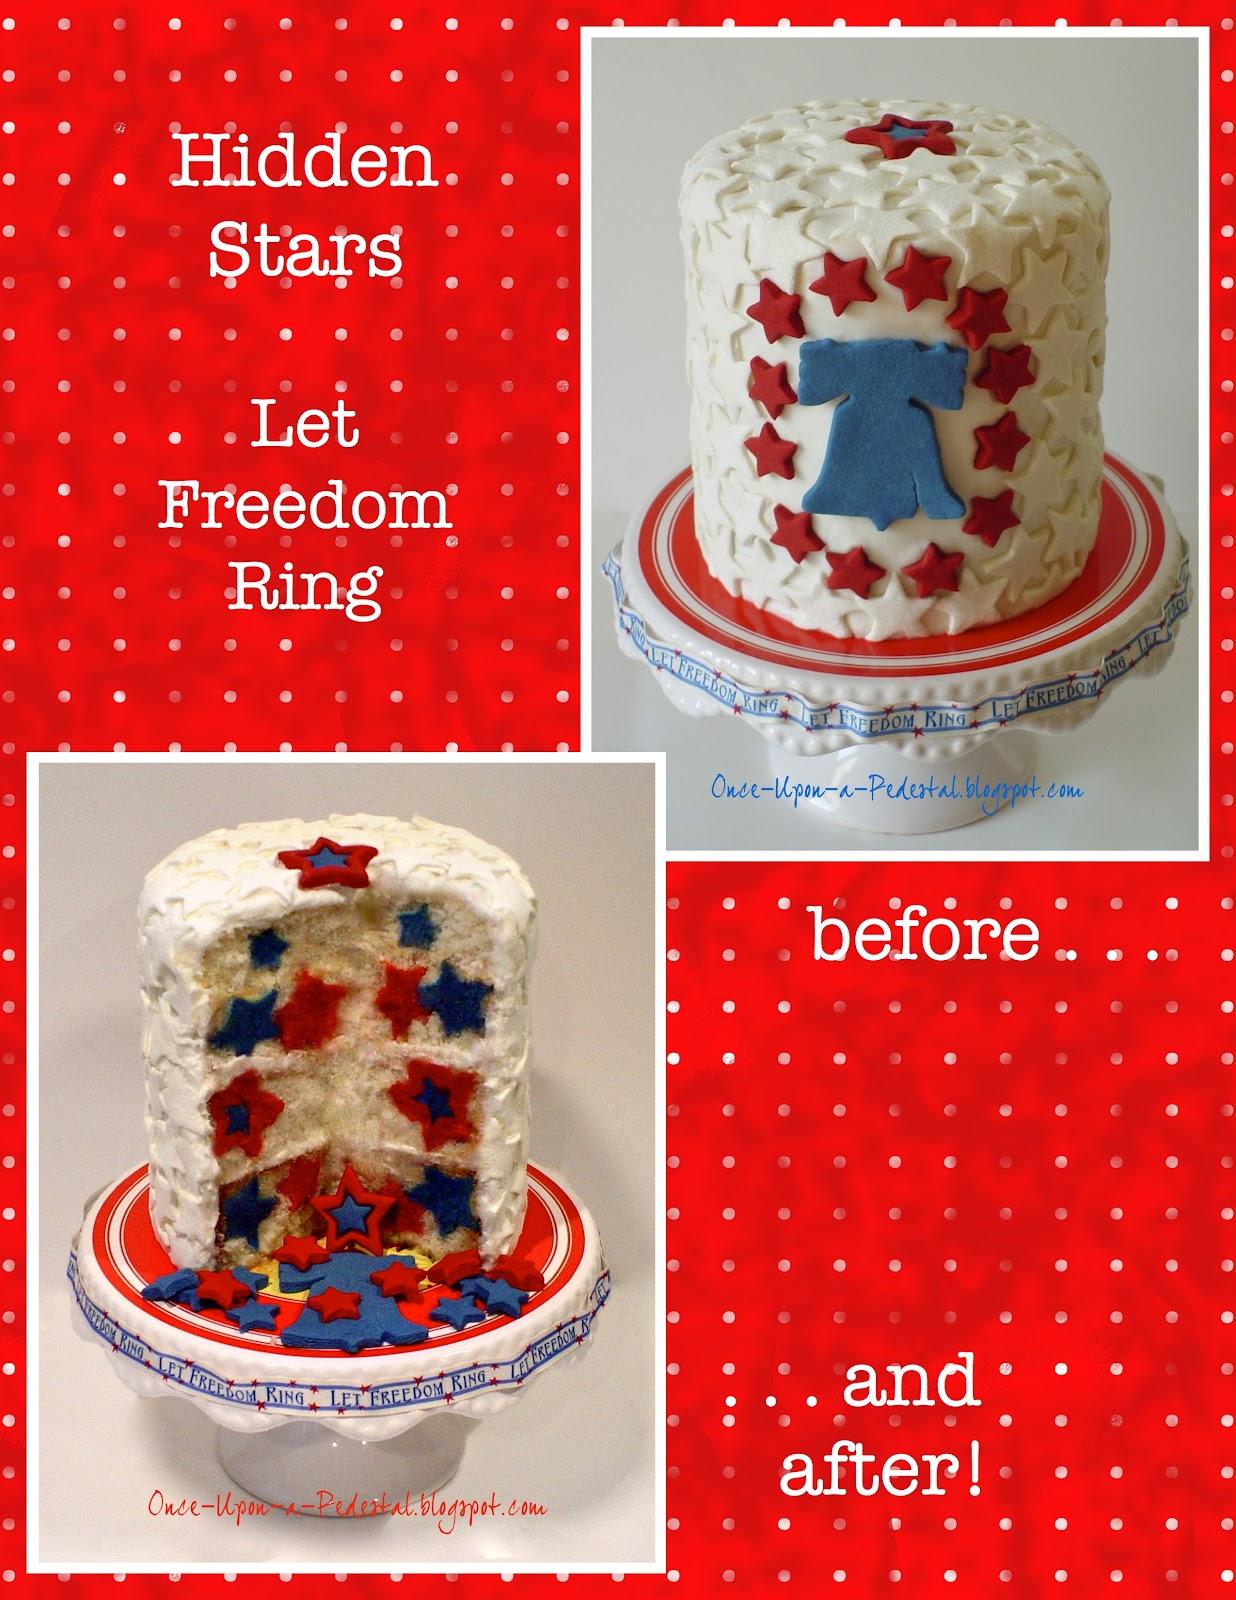 Hidden Design Cake Ideas : Once Upon A Pedestal: Surprise Inside Cake - Hidden Stars ...